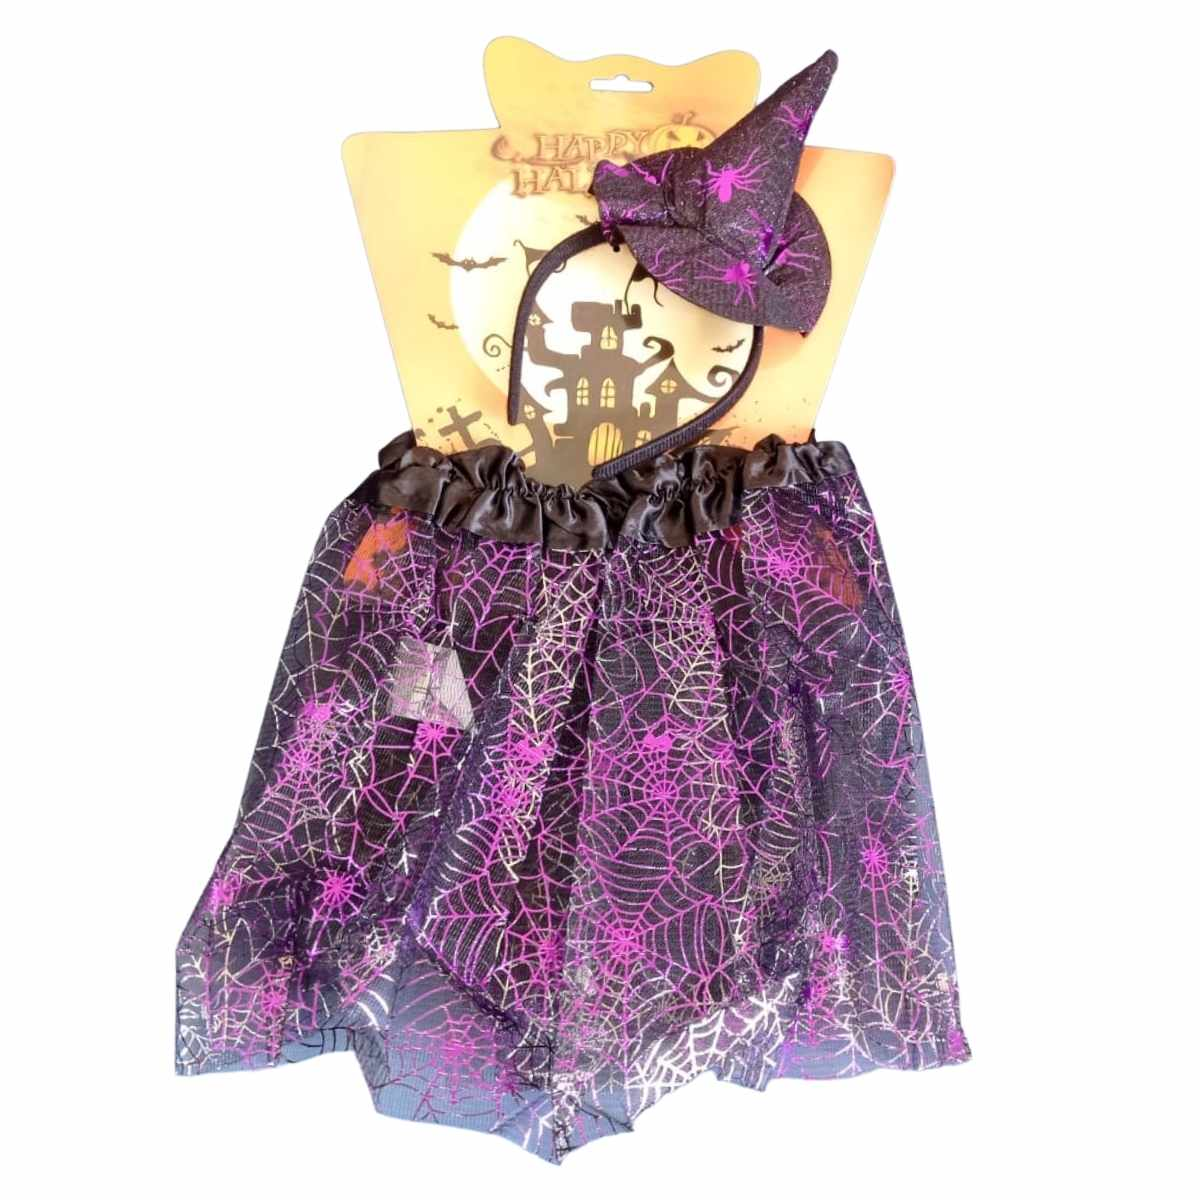 Kit Fantasia Halloween Saia e Tiara